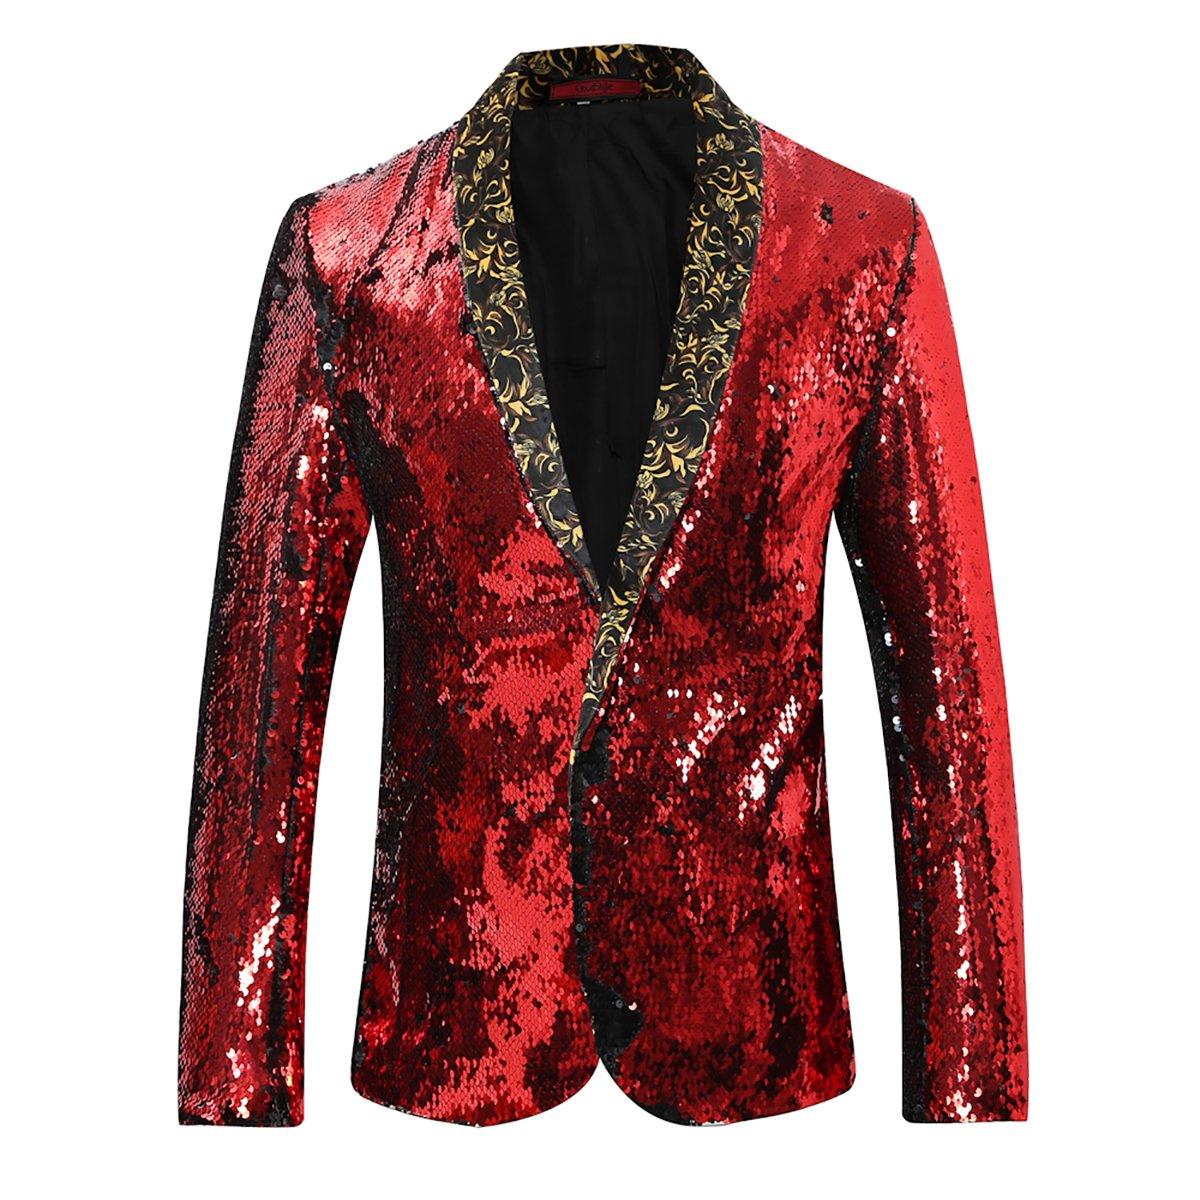 Cloudstyle Men's Sport Coat Slim Fit Notched Lapel Sequins Dance Party Blazer Jacket LPKF01